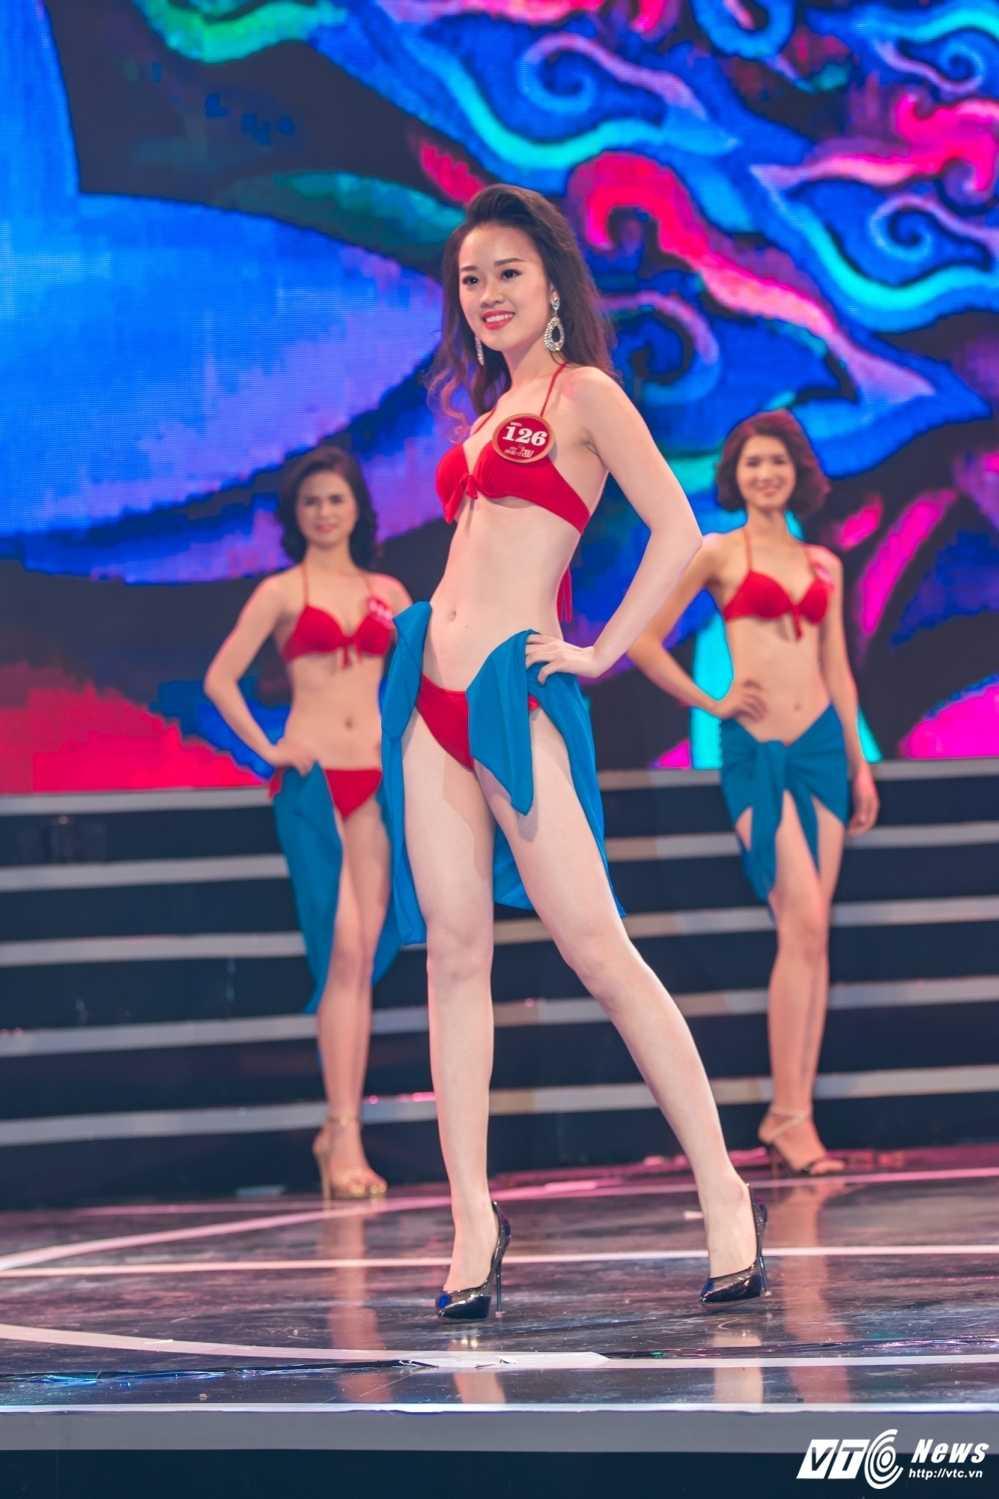 Hot girl Dai hoc Phong chay chua chay lot top 10 'Nguoi dep Kinh Bac 2017' hinh anh 6